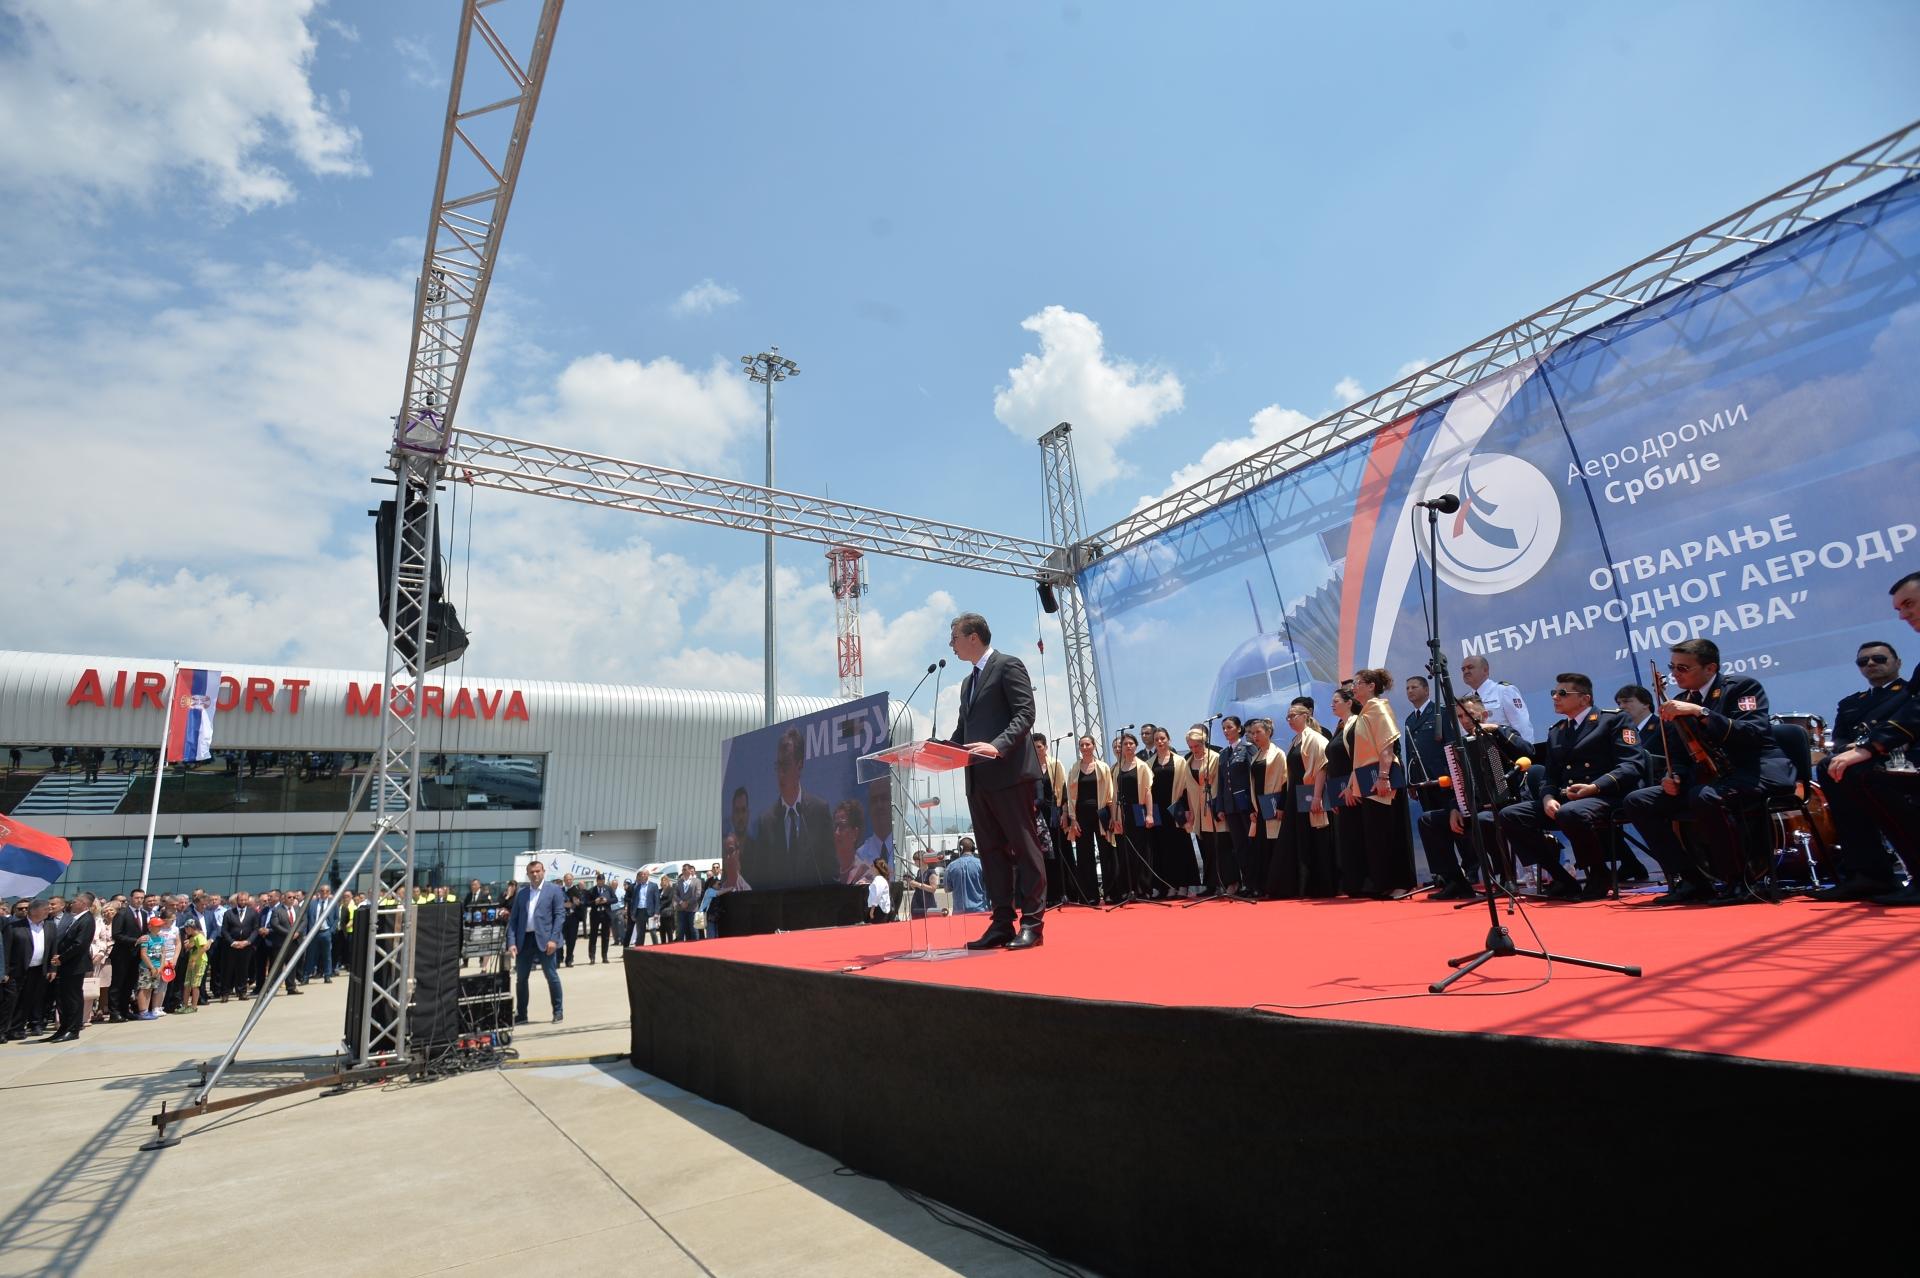 Председник Србије Александар Вучић на отварању аеродрома Морава.